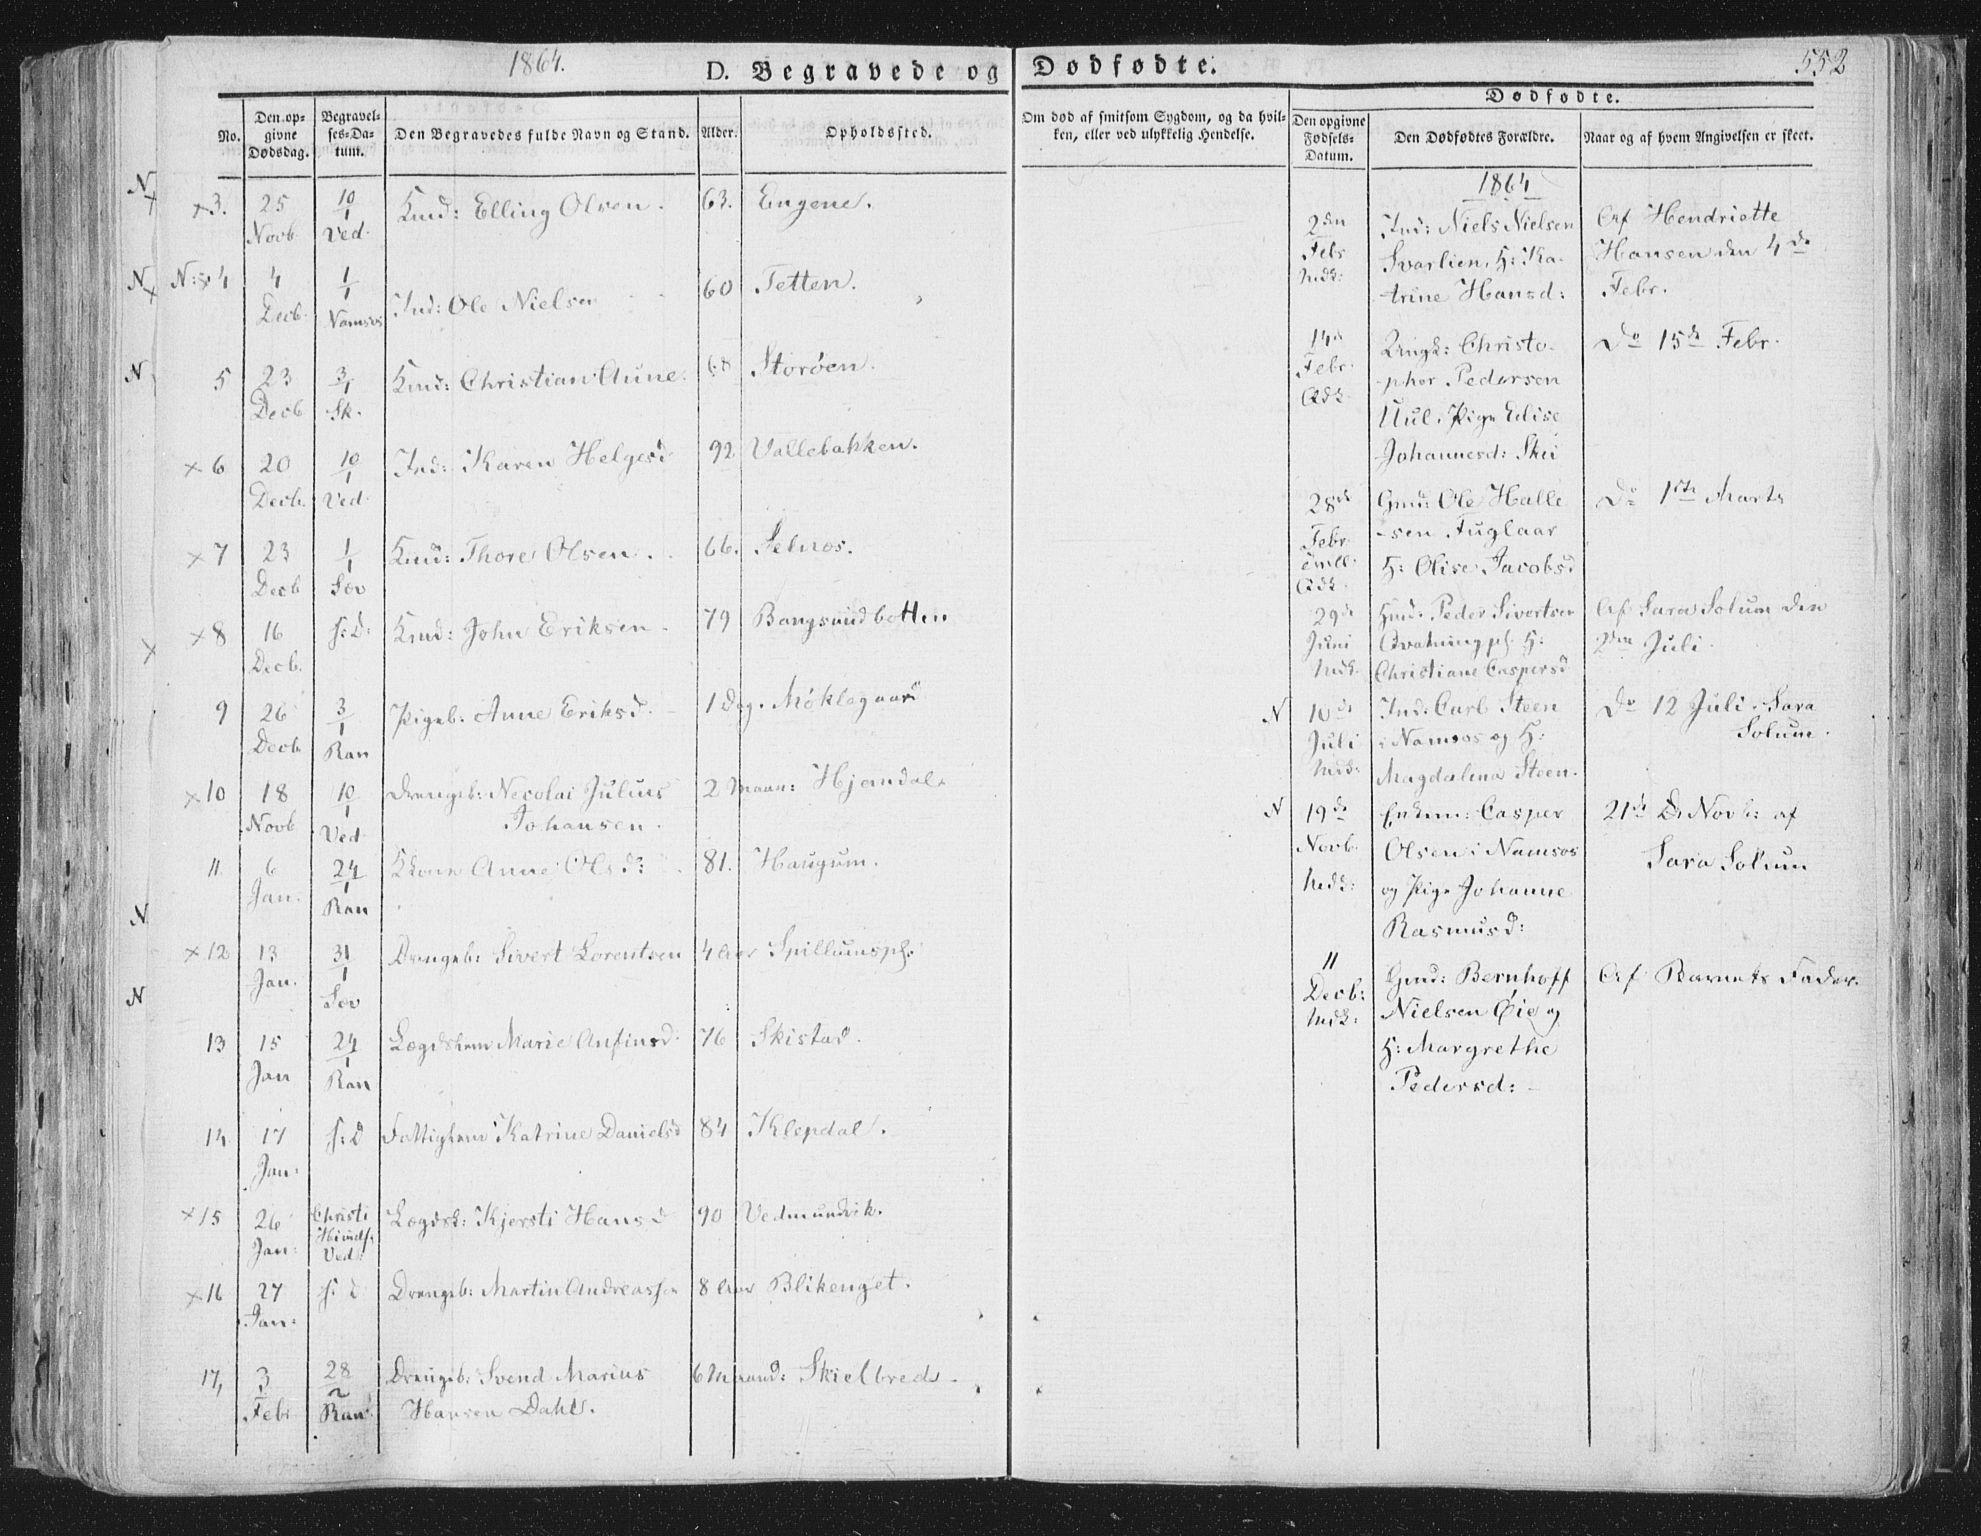 SAT, Ministerialprotokoller, klokkerbøker og fødselsregistre - Nord-Trøndelag, 764/L0552: Ministerialbok nr. 764A07b, 1824-1865, s. 552